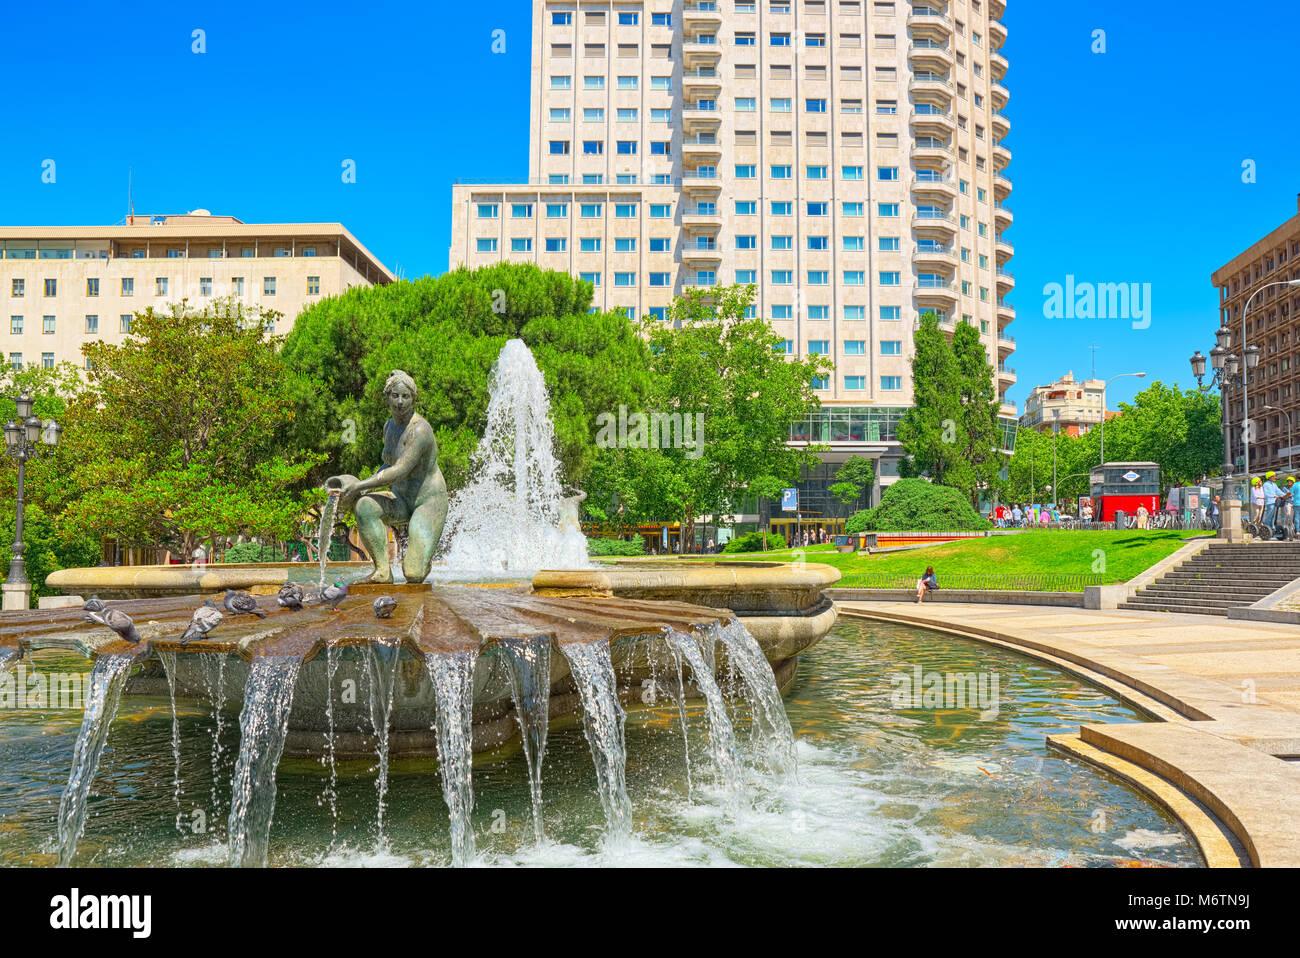 Madrid, Spain - June 05, 2017 : Spain Square (Plaza de Espana)  is a large square, a popular tourist destination Stock Photo